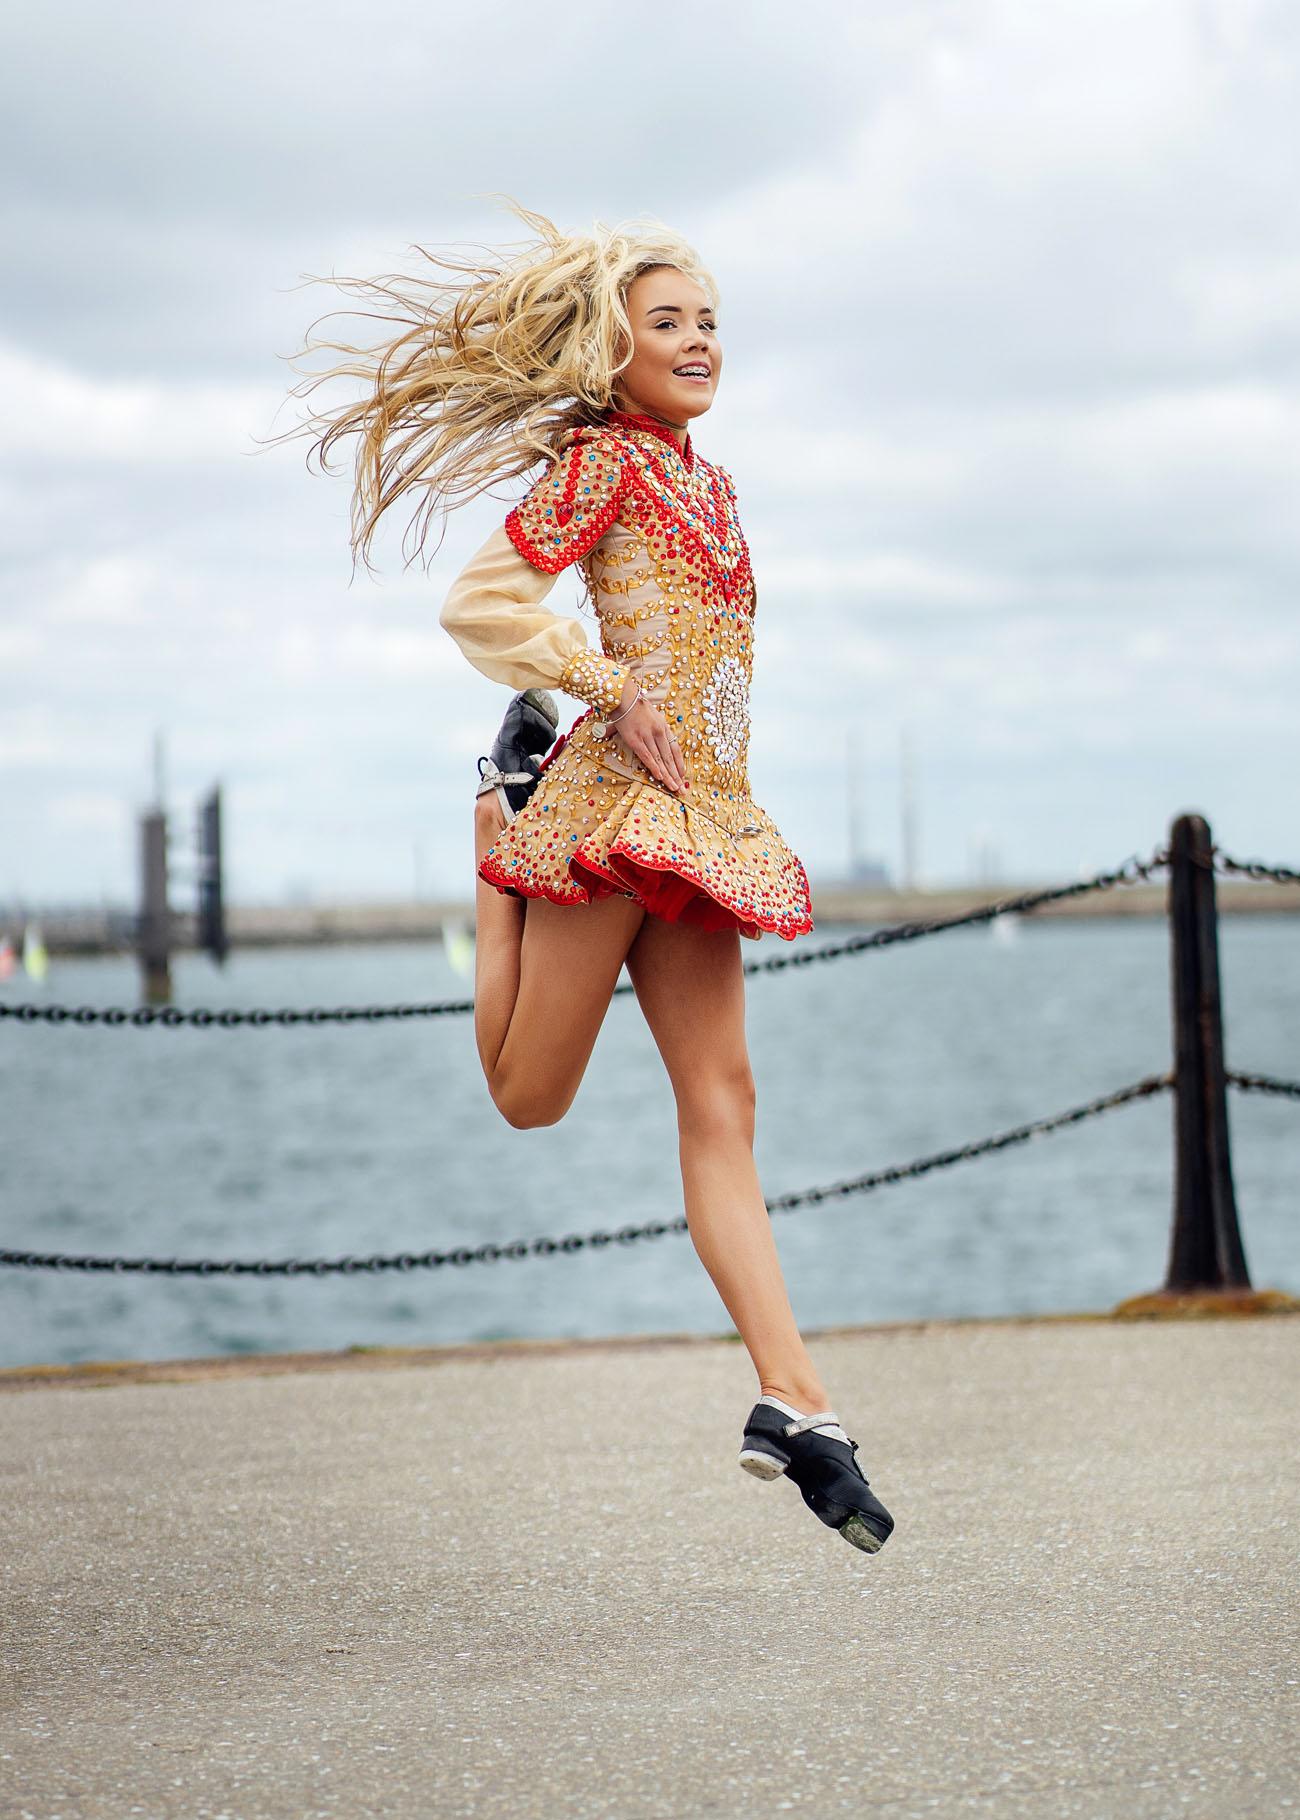 irish-dance-portrait-photographer-dublin-ireland-0044.jpg